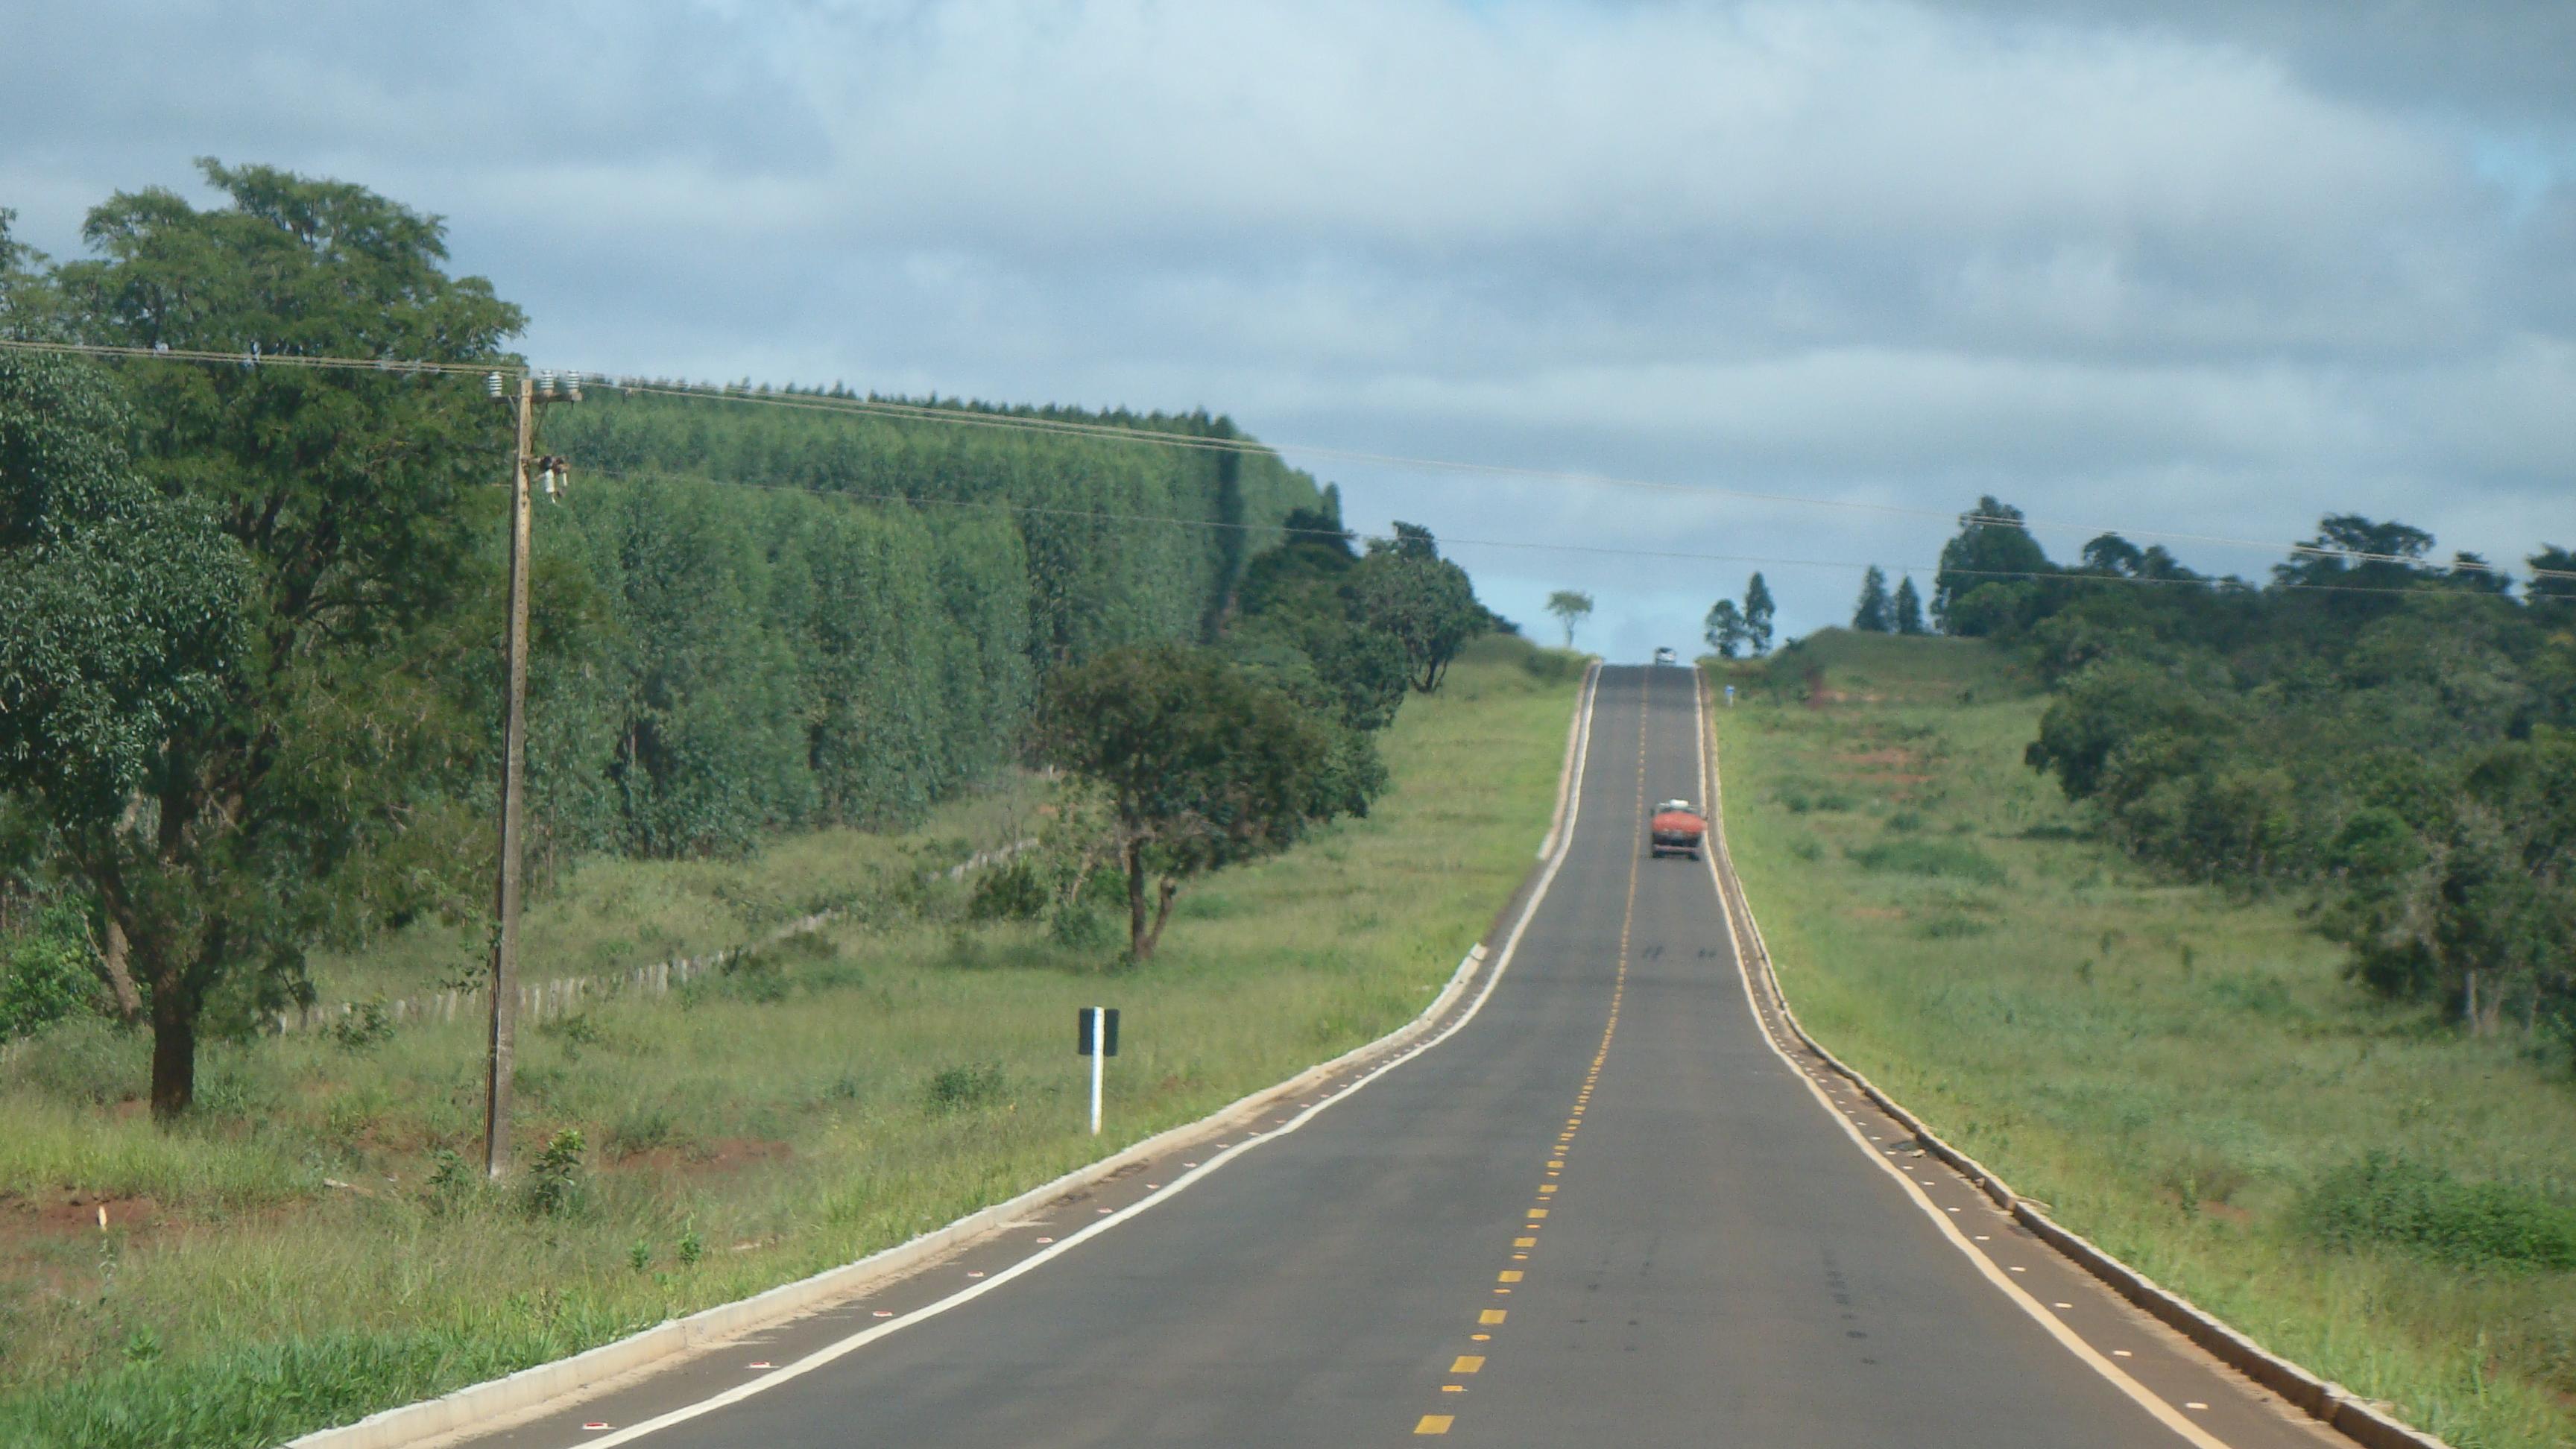 Santa Rita do Pardo Mato Grosso do Sul fonte: upload.wikimedia.org